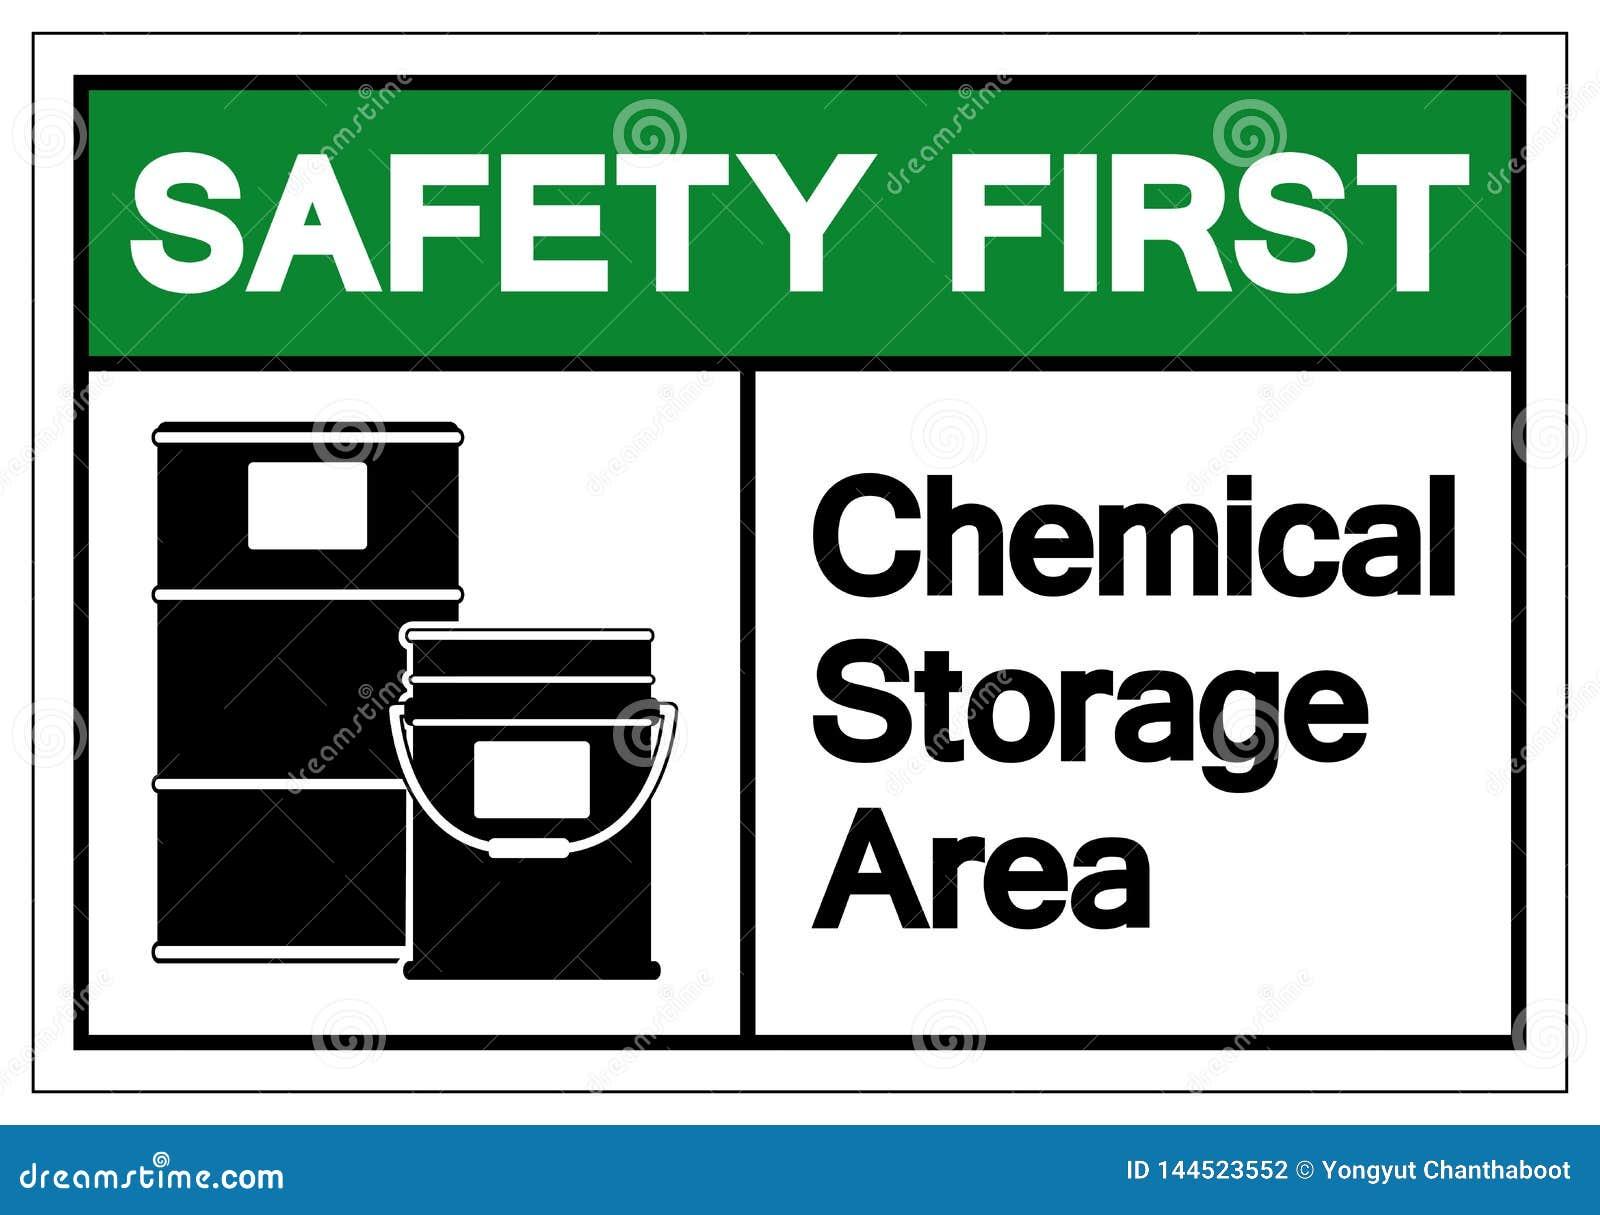 För lagringsområde för säkerhet första kemiska tecken för symbol, vektorillustration, isolat på den vita bakgrundsetikette